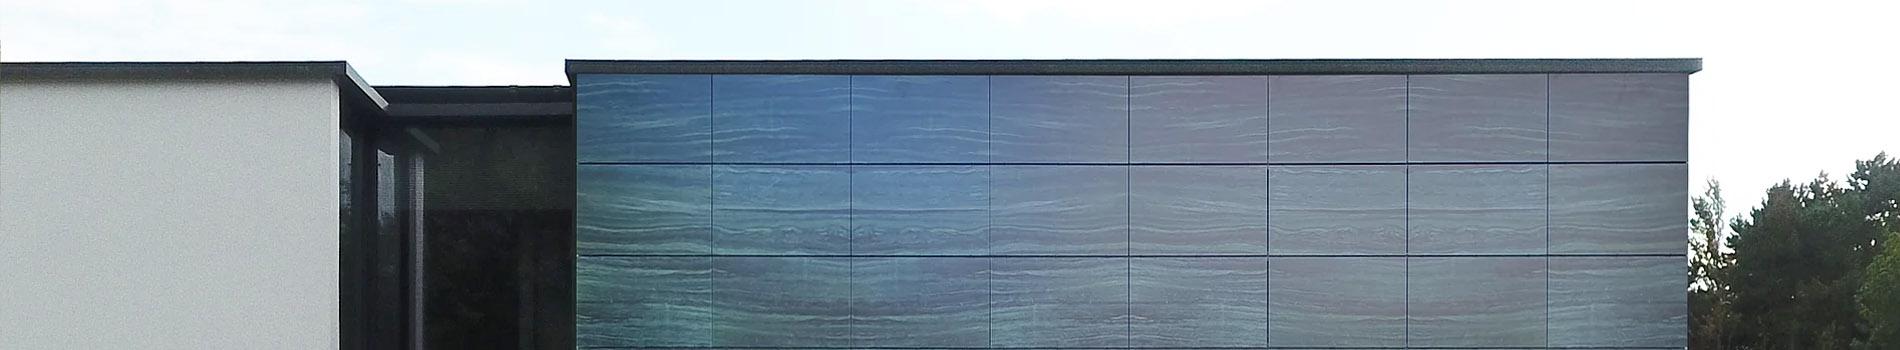 Deschacht Banner Pixasolar